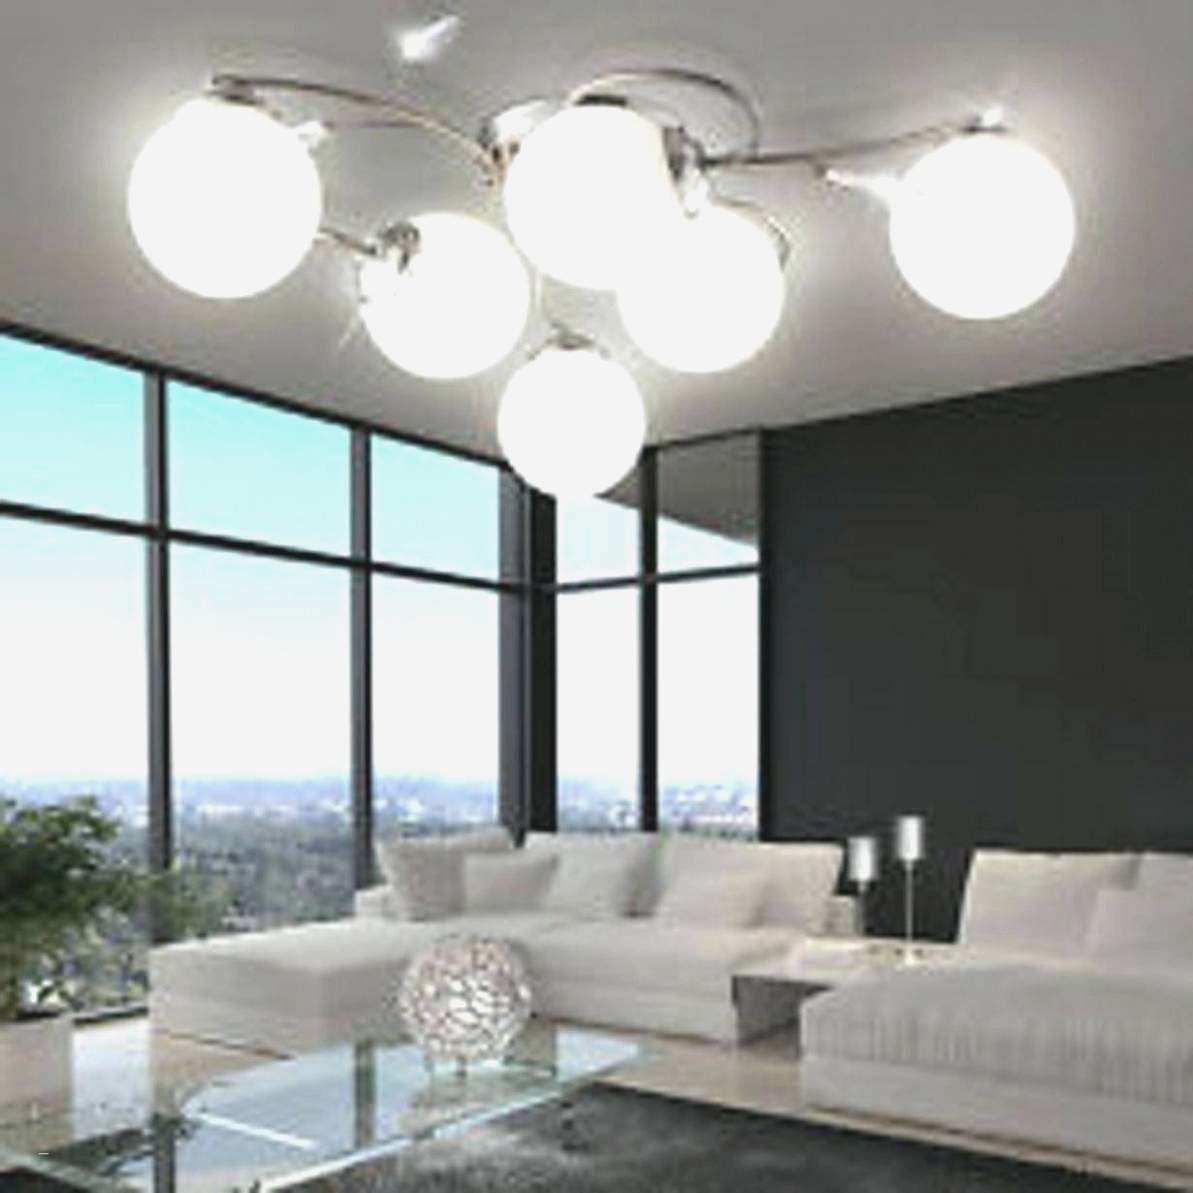 Full Size of Deckenlampen Ideen Deckenlampe Wohnzimmer Schlafzimmer Modern Tapeten Bad Renovieren Für Wohnzimmer Deckenlampen Ideen